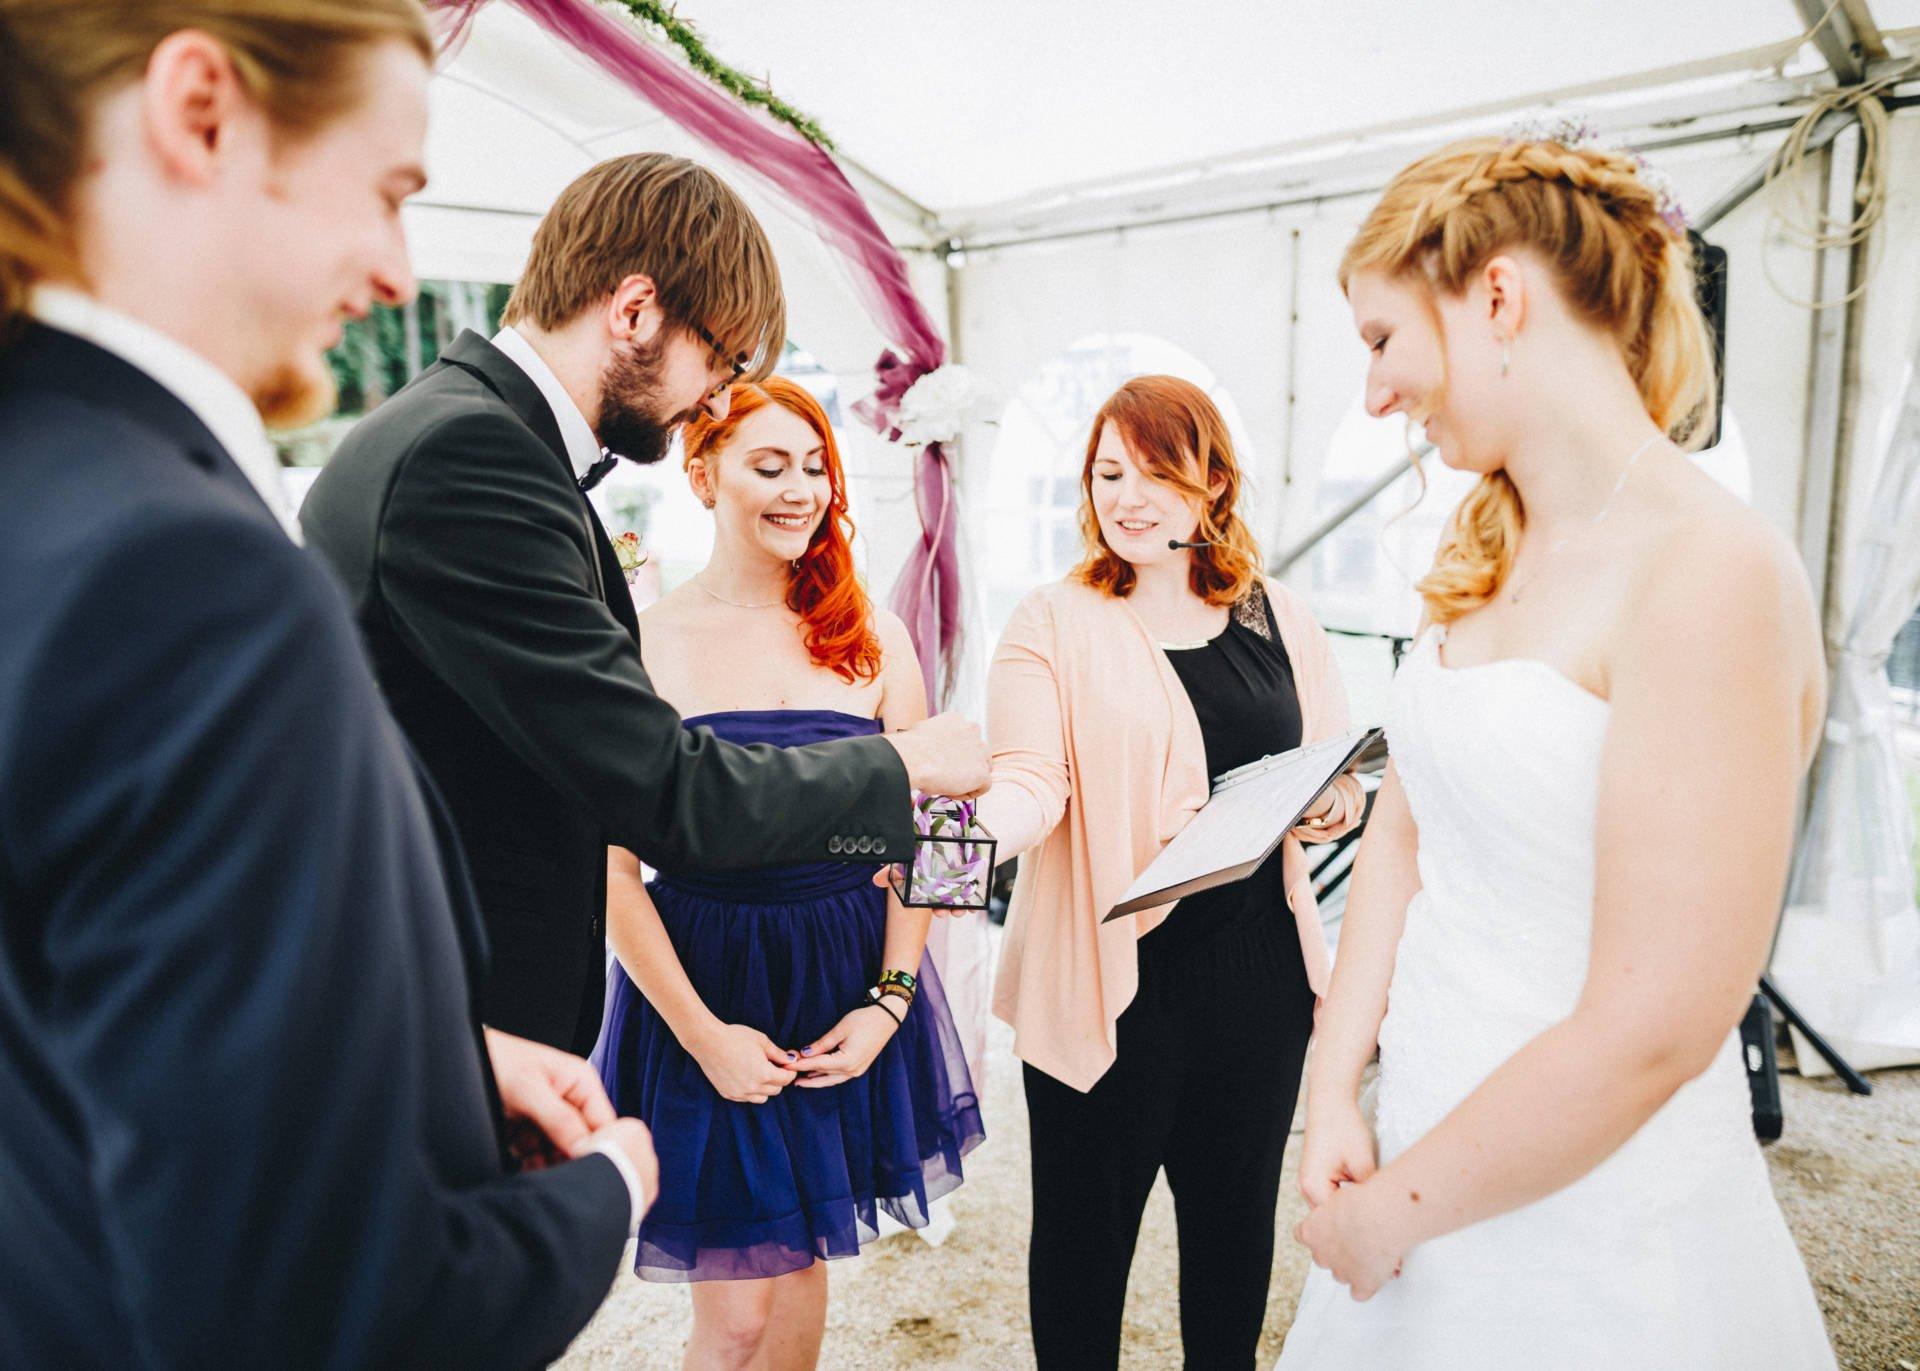 50mmfreunde Hochzeit Poesneck VillaAltenburg 18 - Freie Trauung in der Villa Altenburg